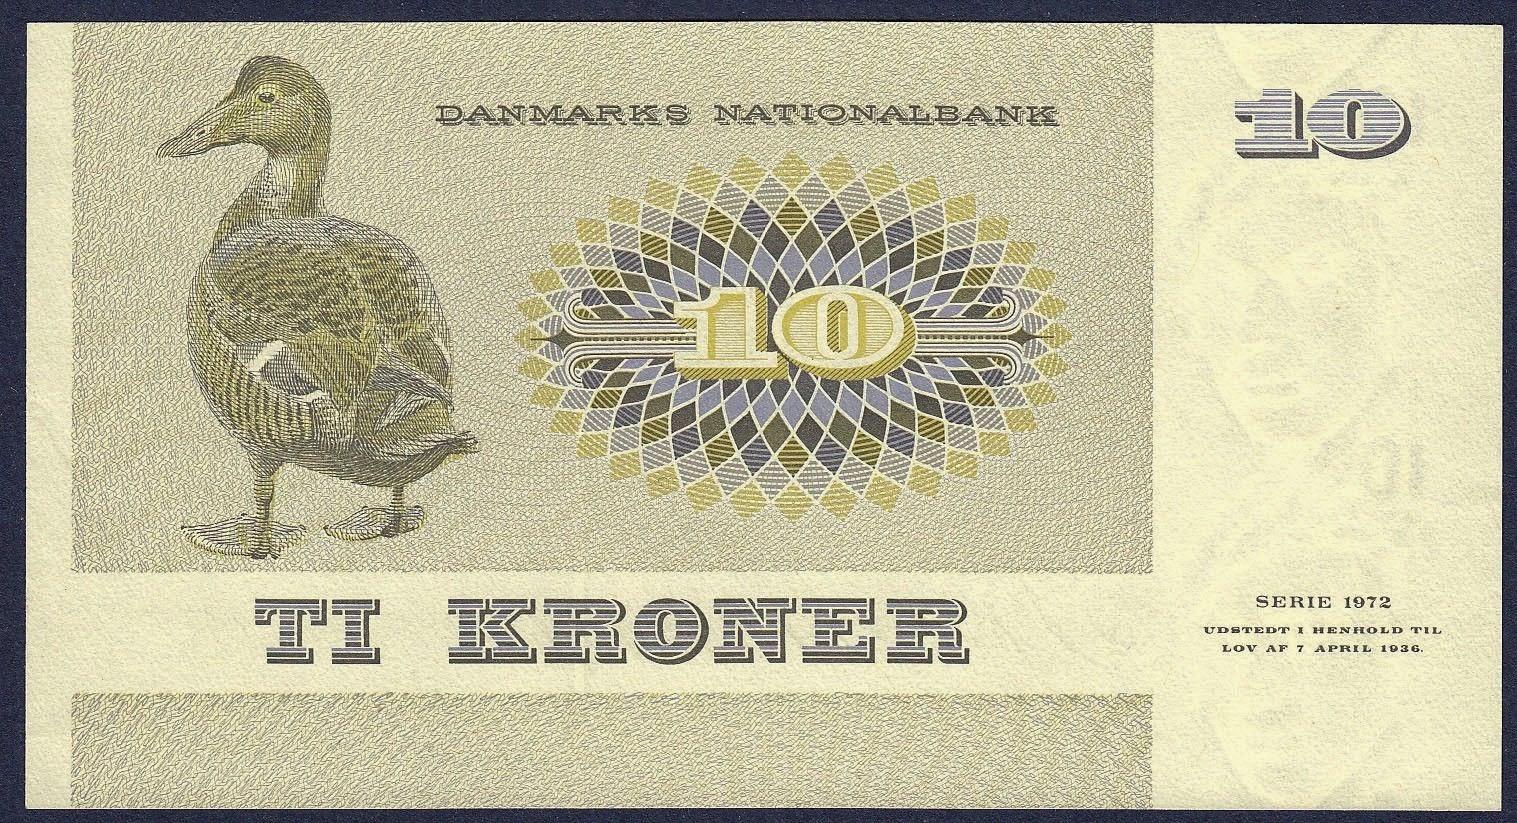 10 Danish Kroner note 1972 Queen eider